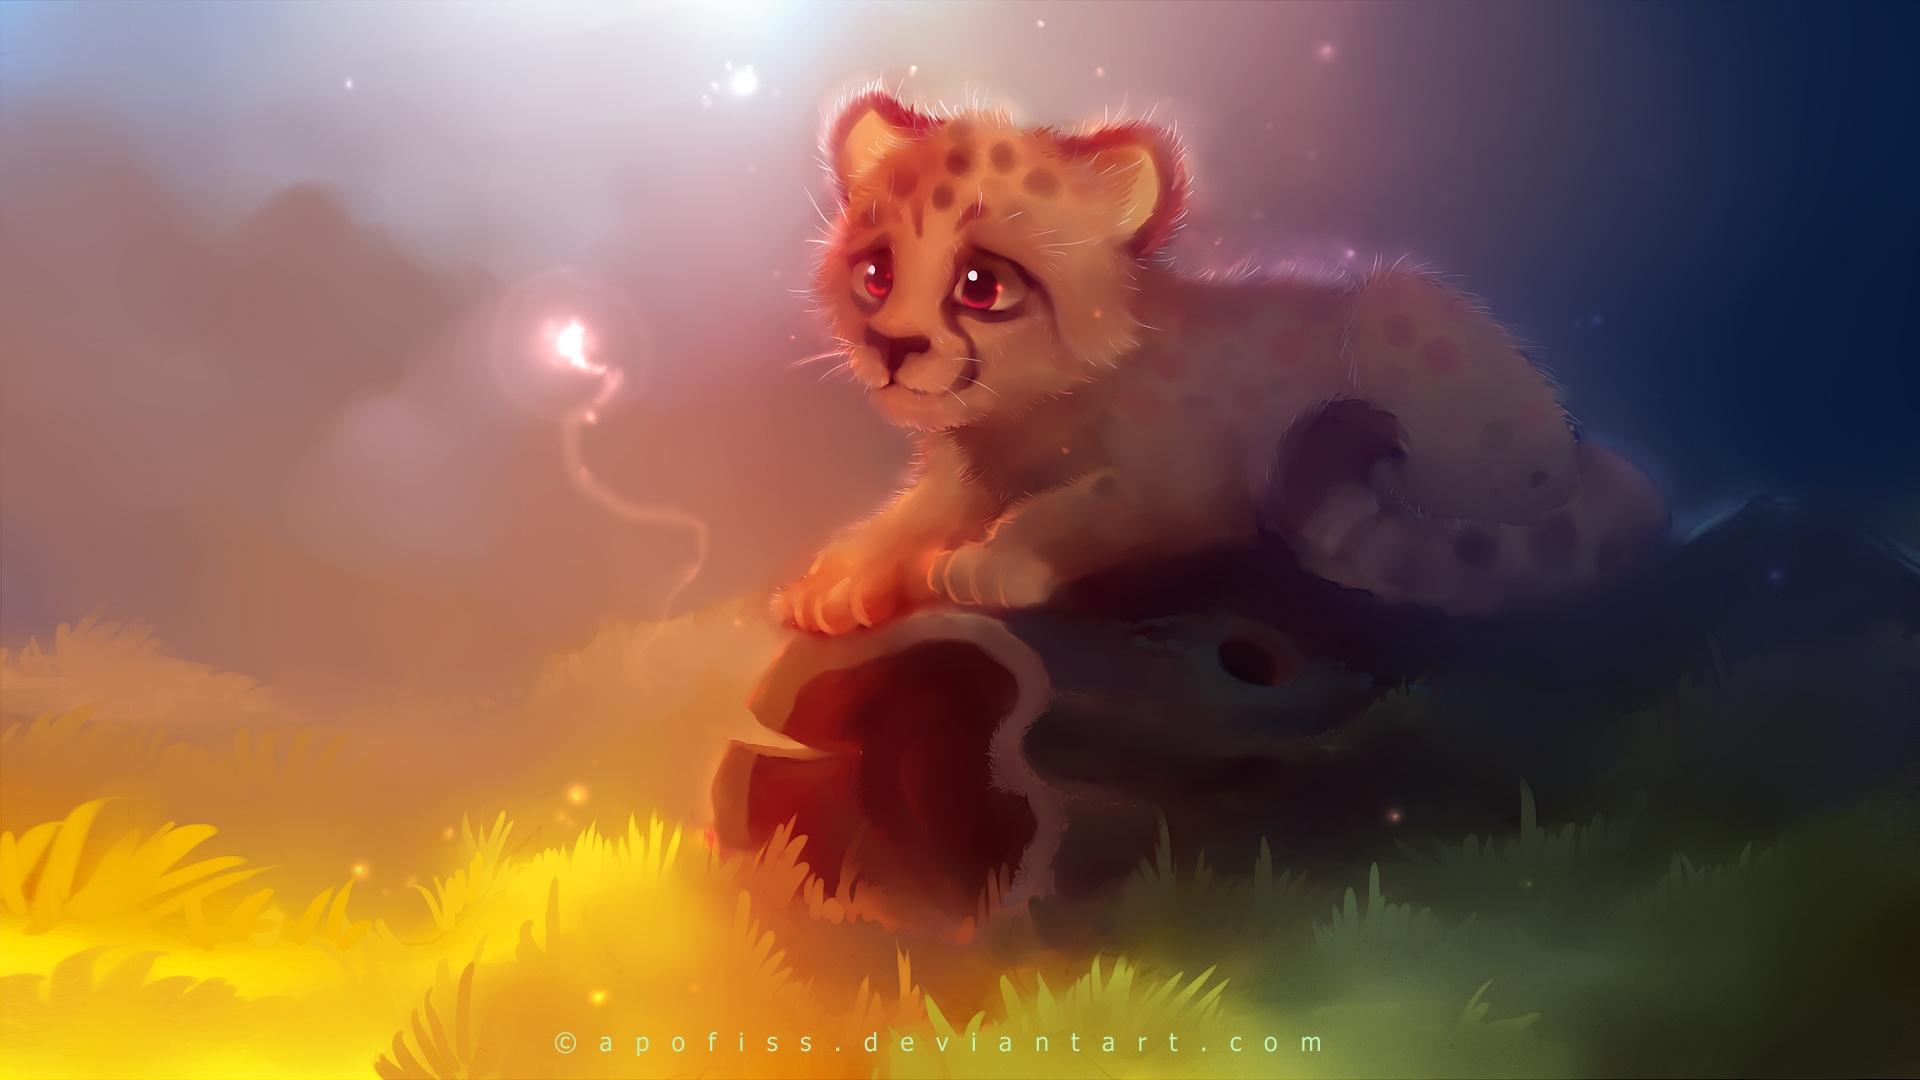 Description Cute Cheetah Wallpaper is a hi res Wallpaper for pc 1920x1080